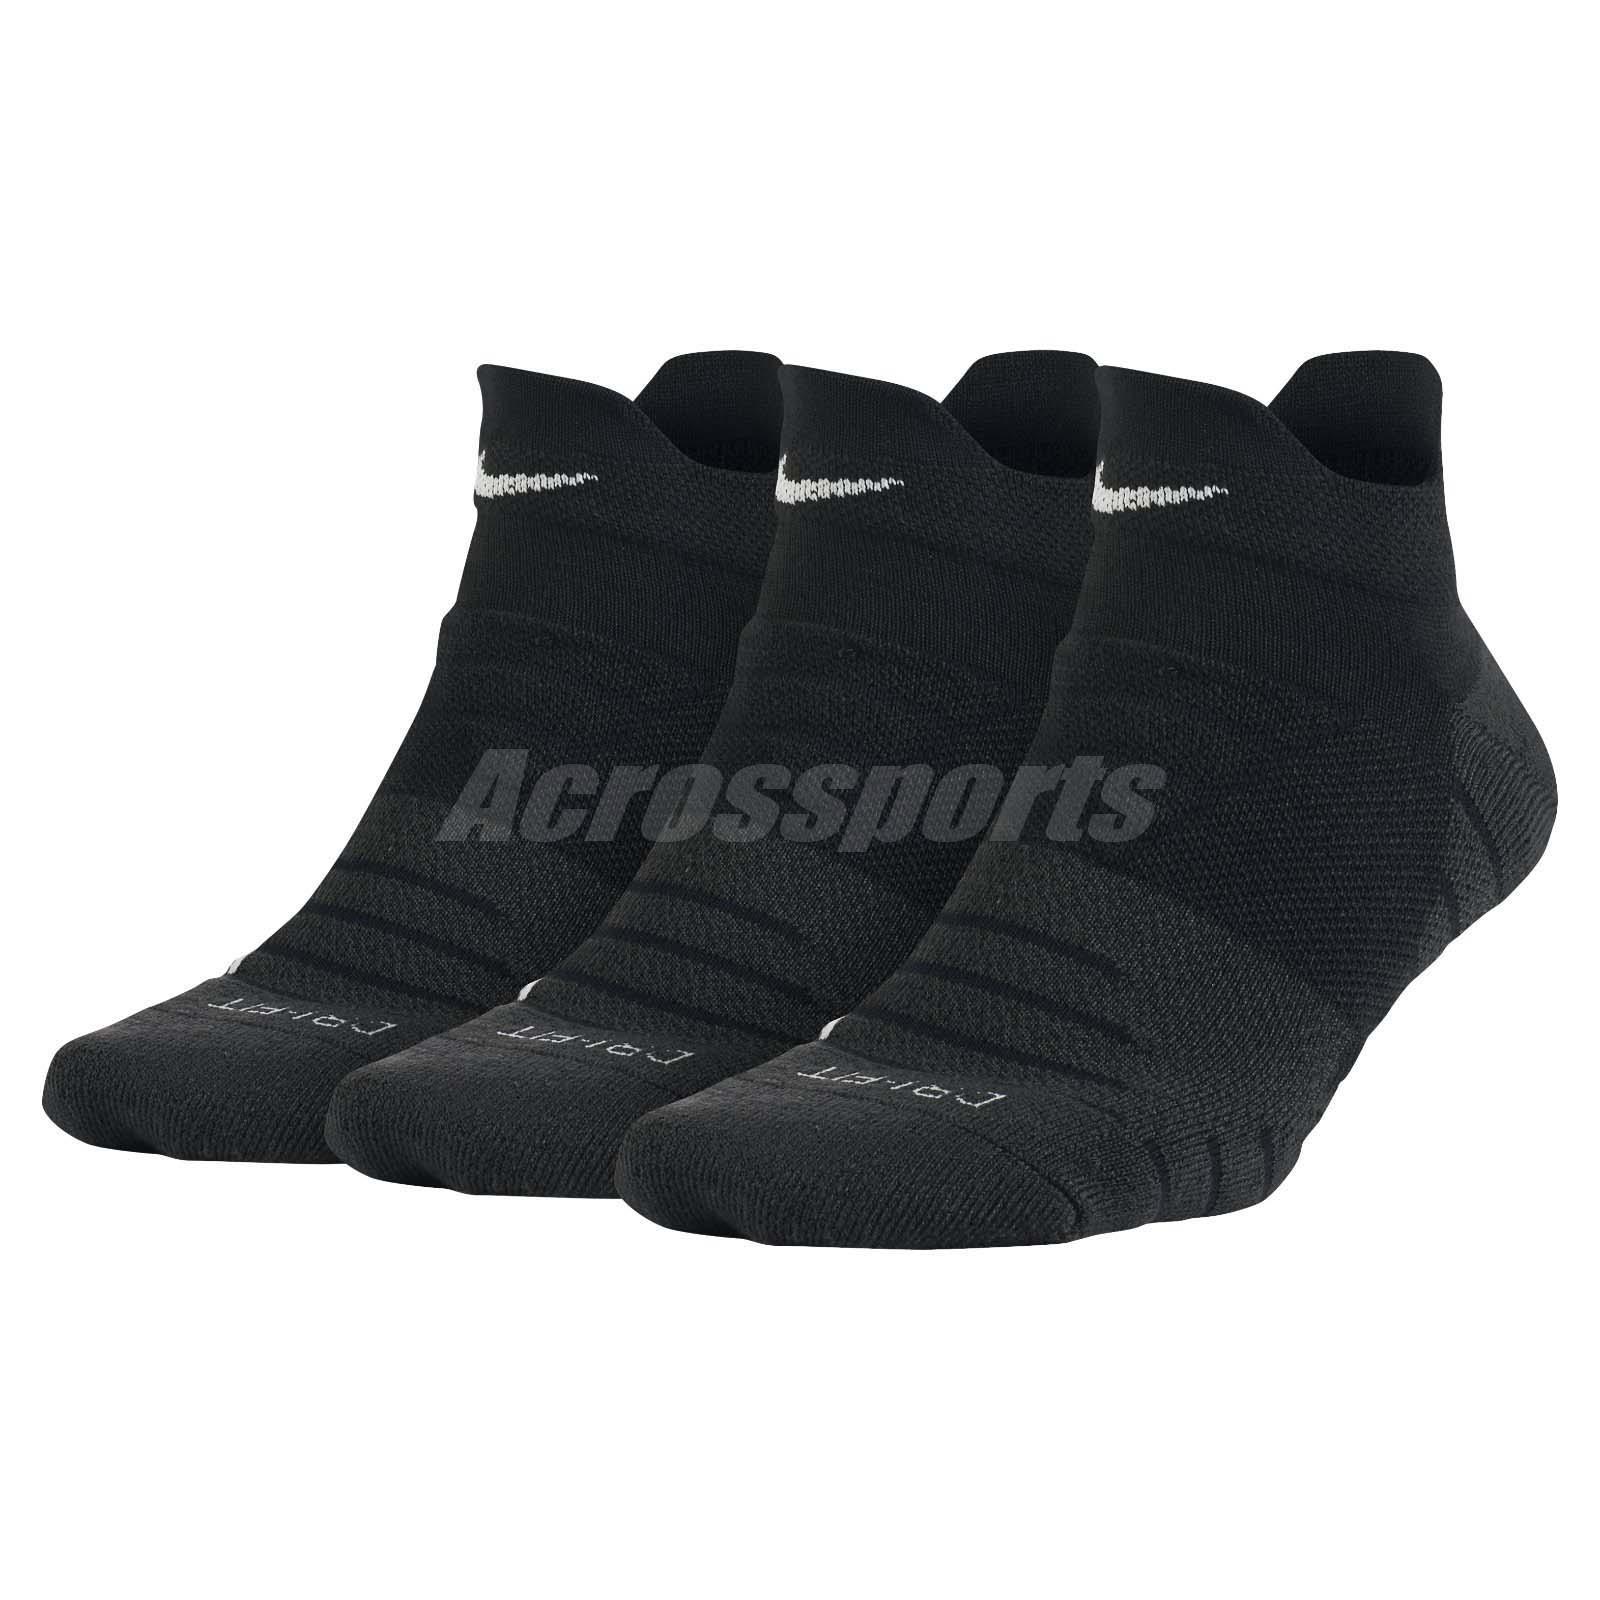 nike donne asciutto imbottiti basso formazione calzini 3 paia 1 confezione palestra nero